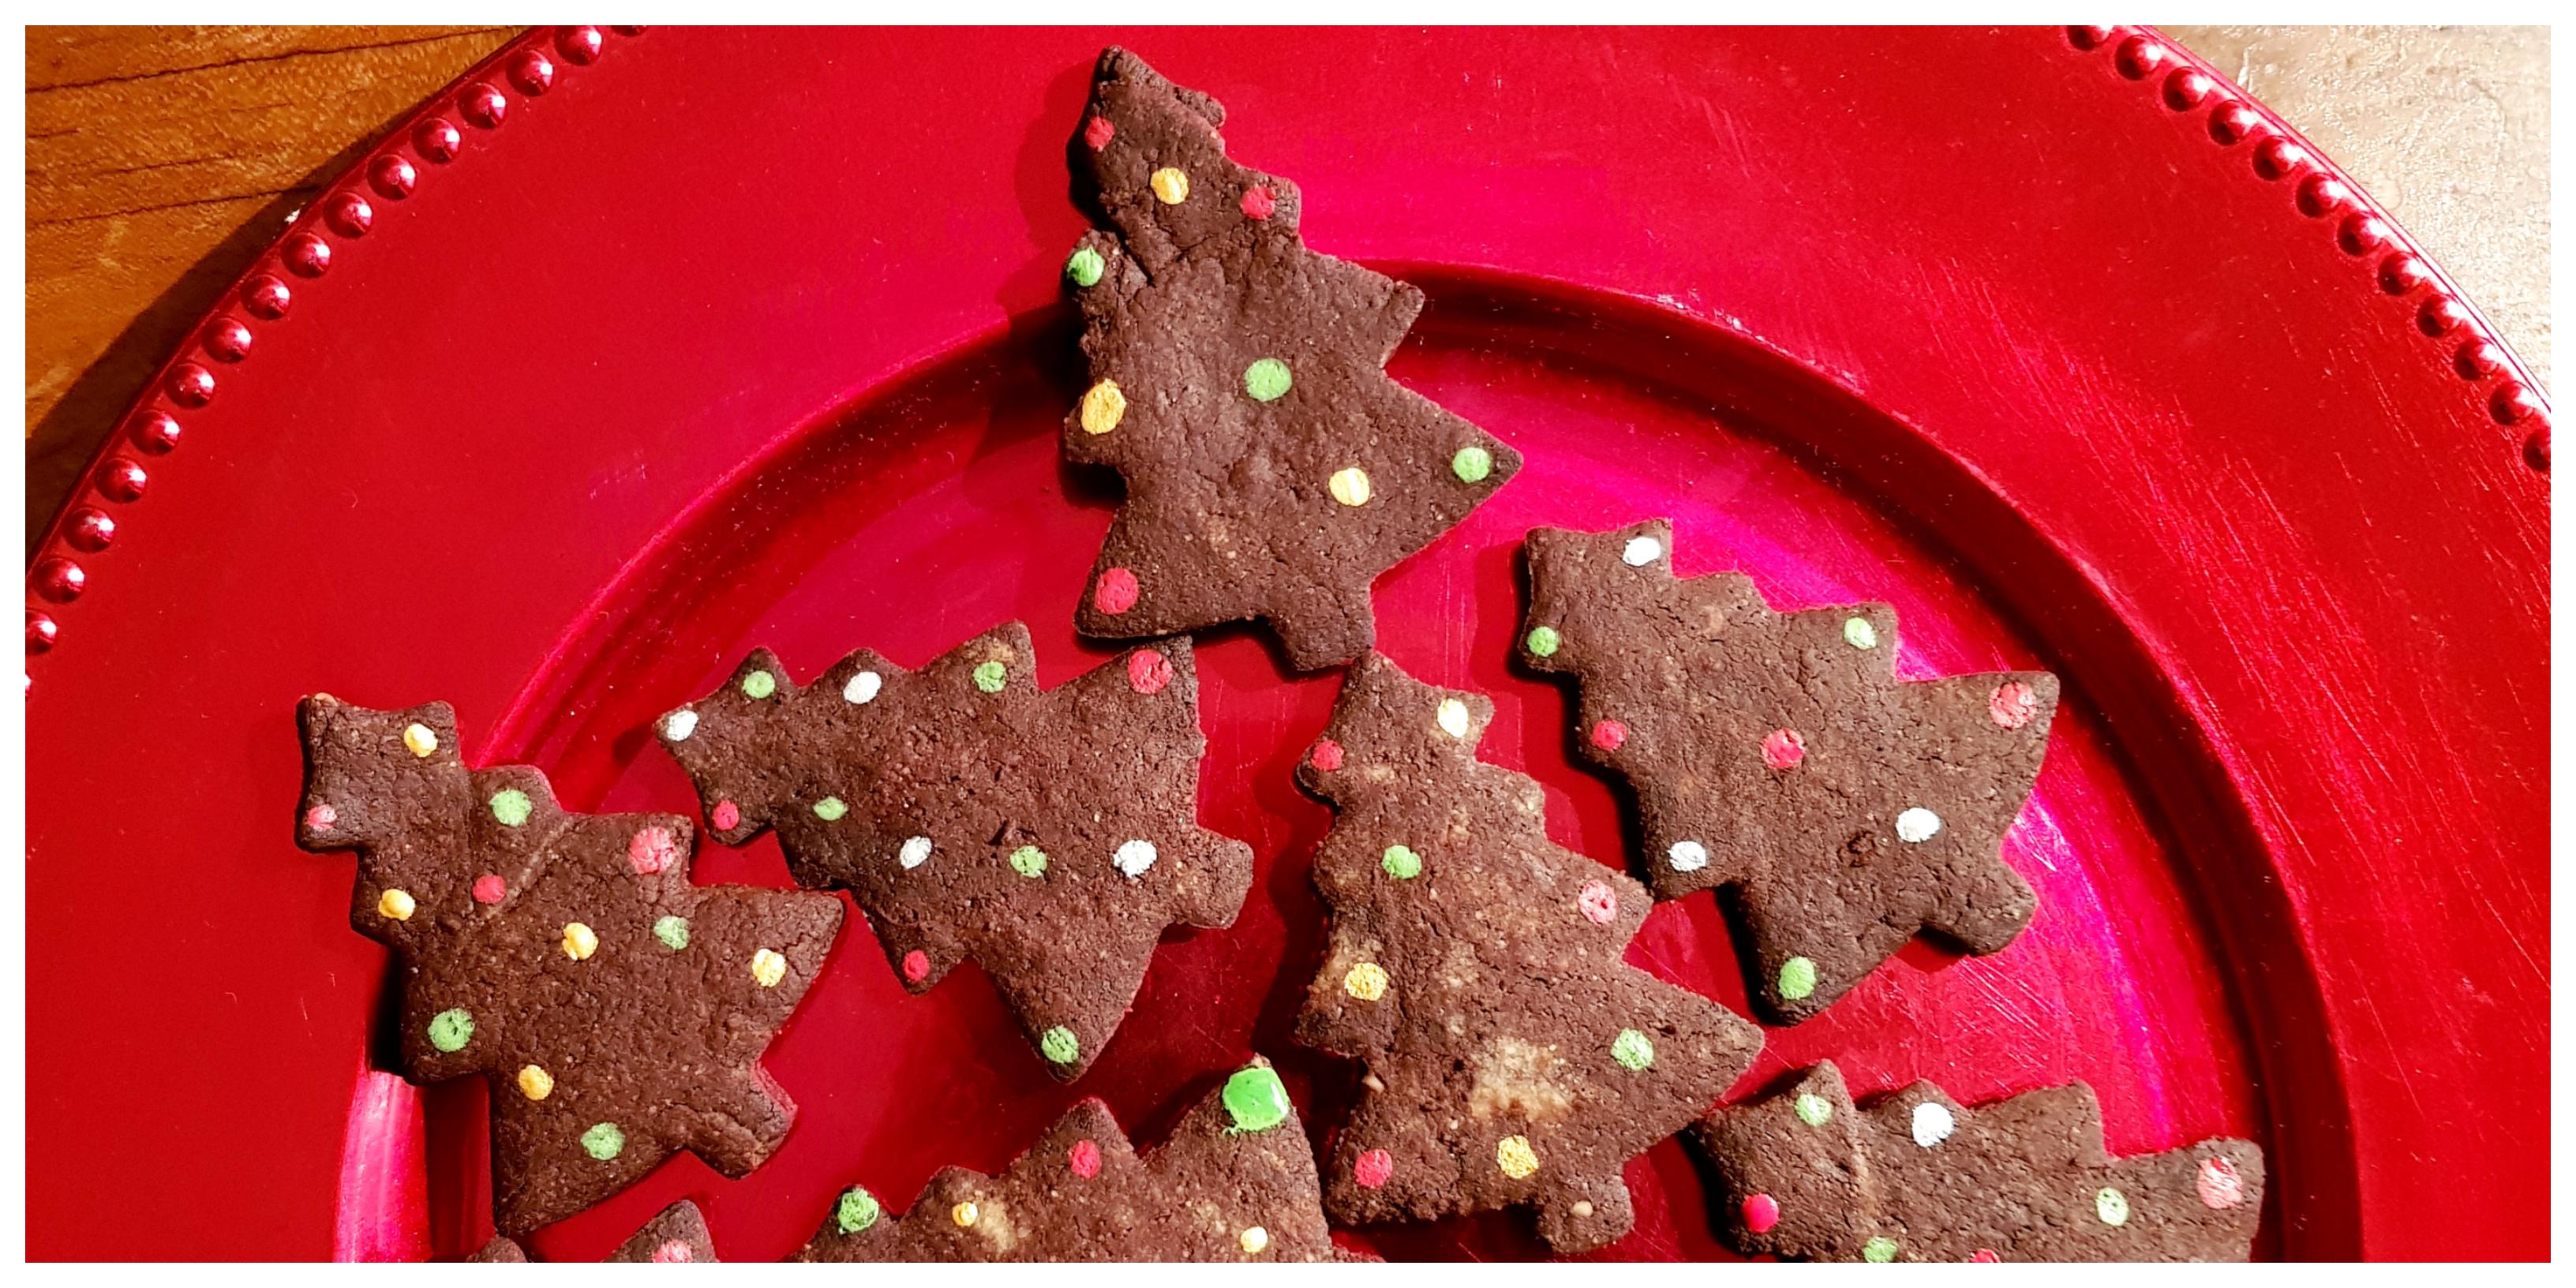 sablés-vegan-chocolat-noisette-recette-facile